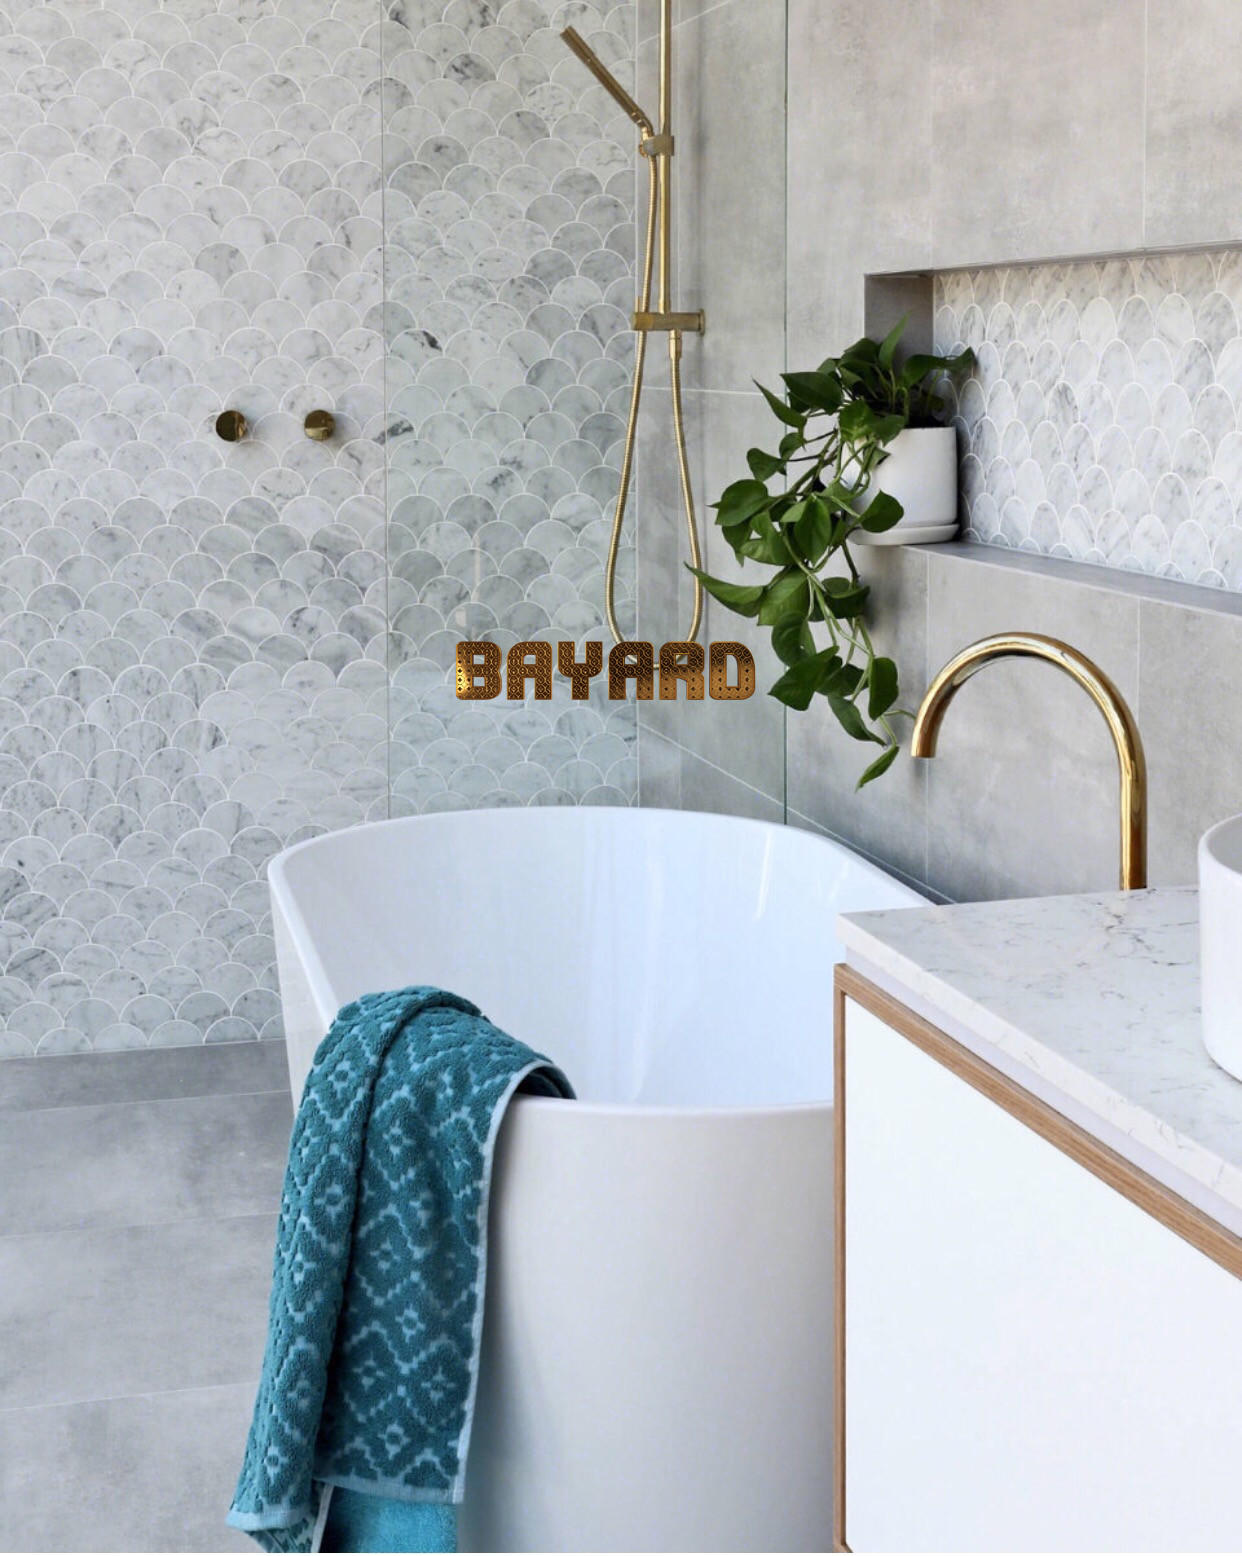 hotel bathroom shower room wall